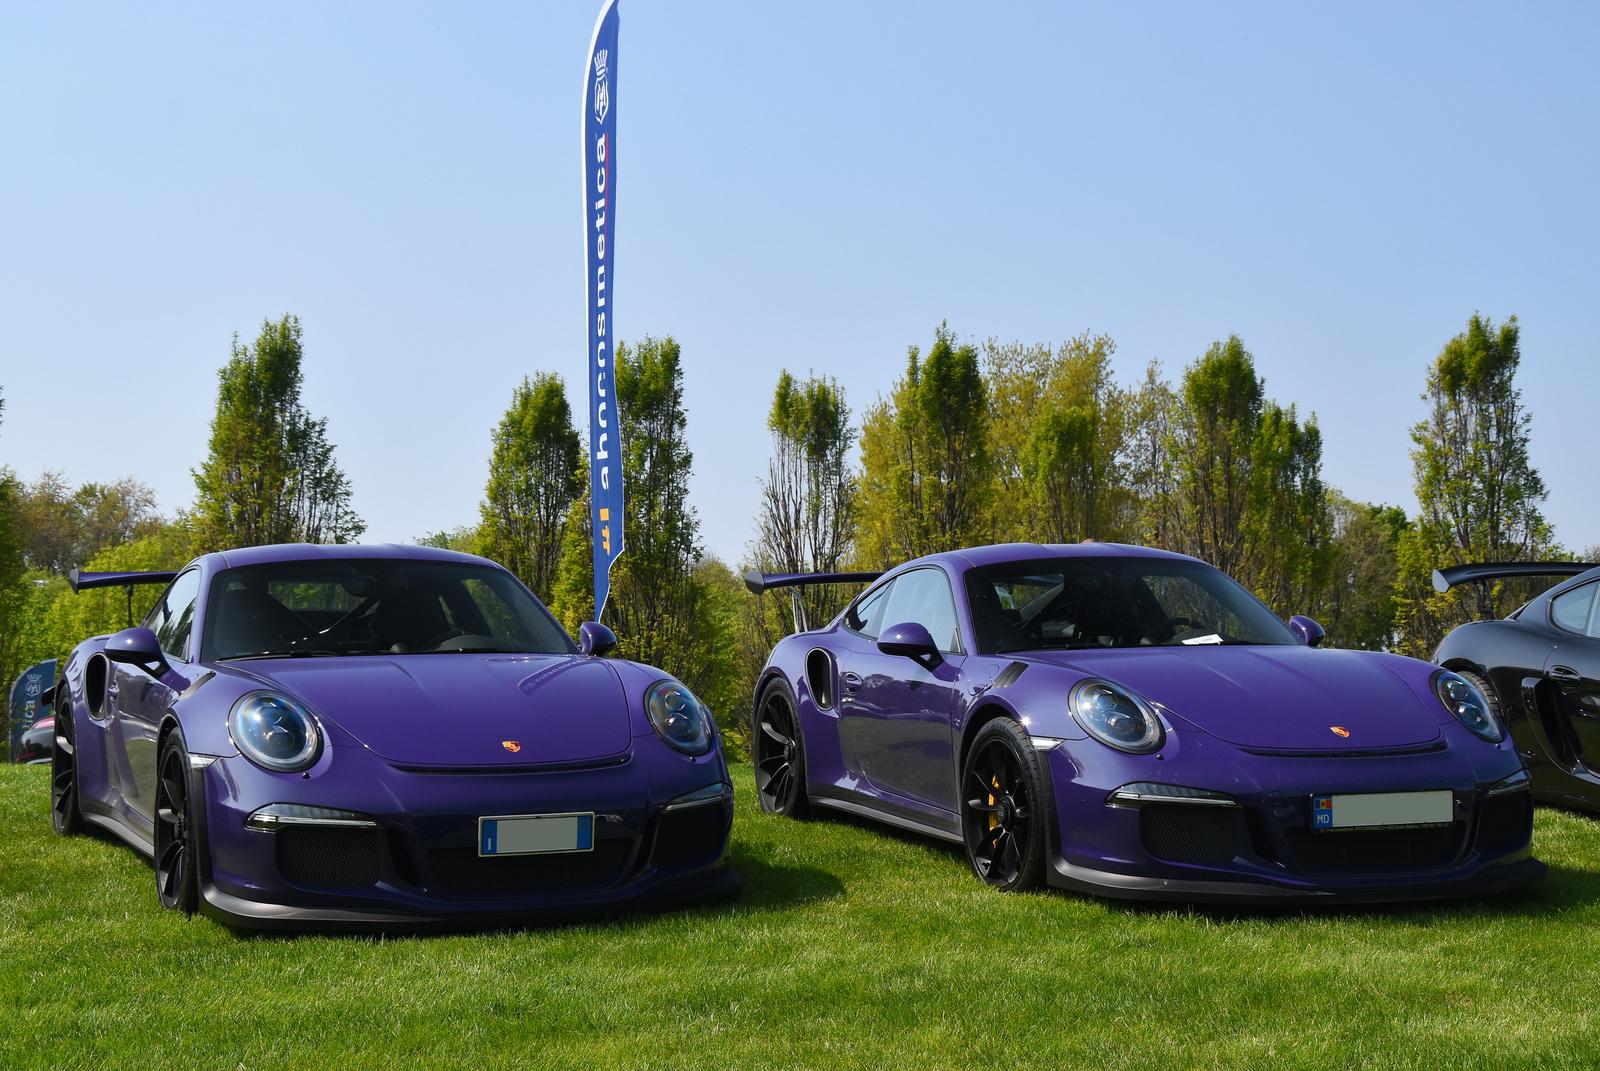 Porsche 911 (991) GT3 RS - 911 (991) GT3 RS